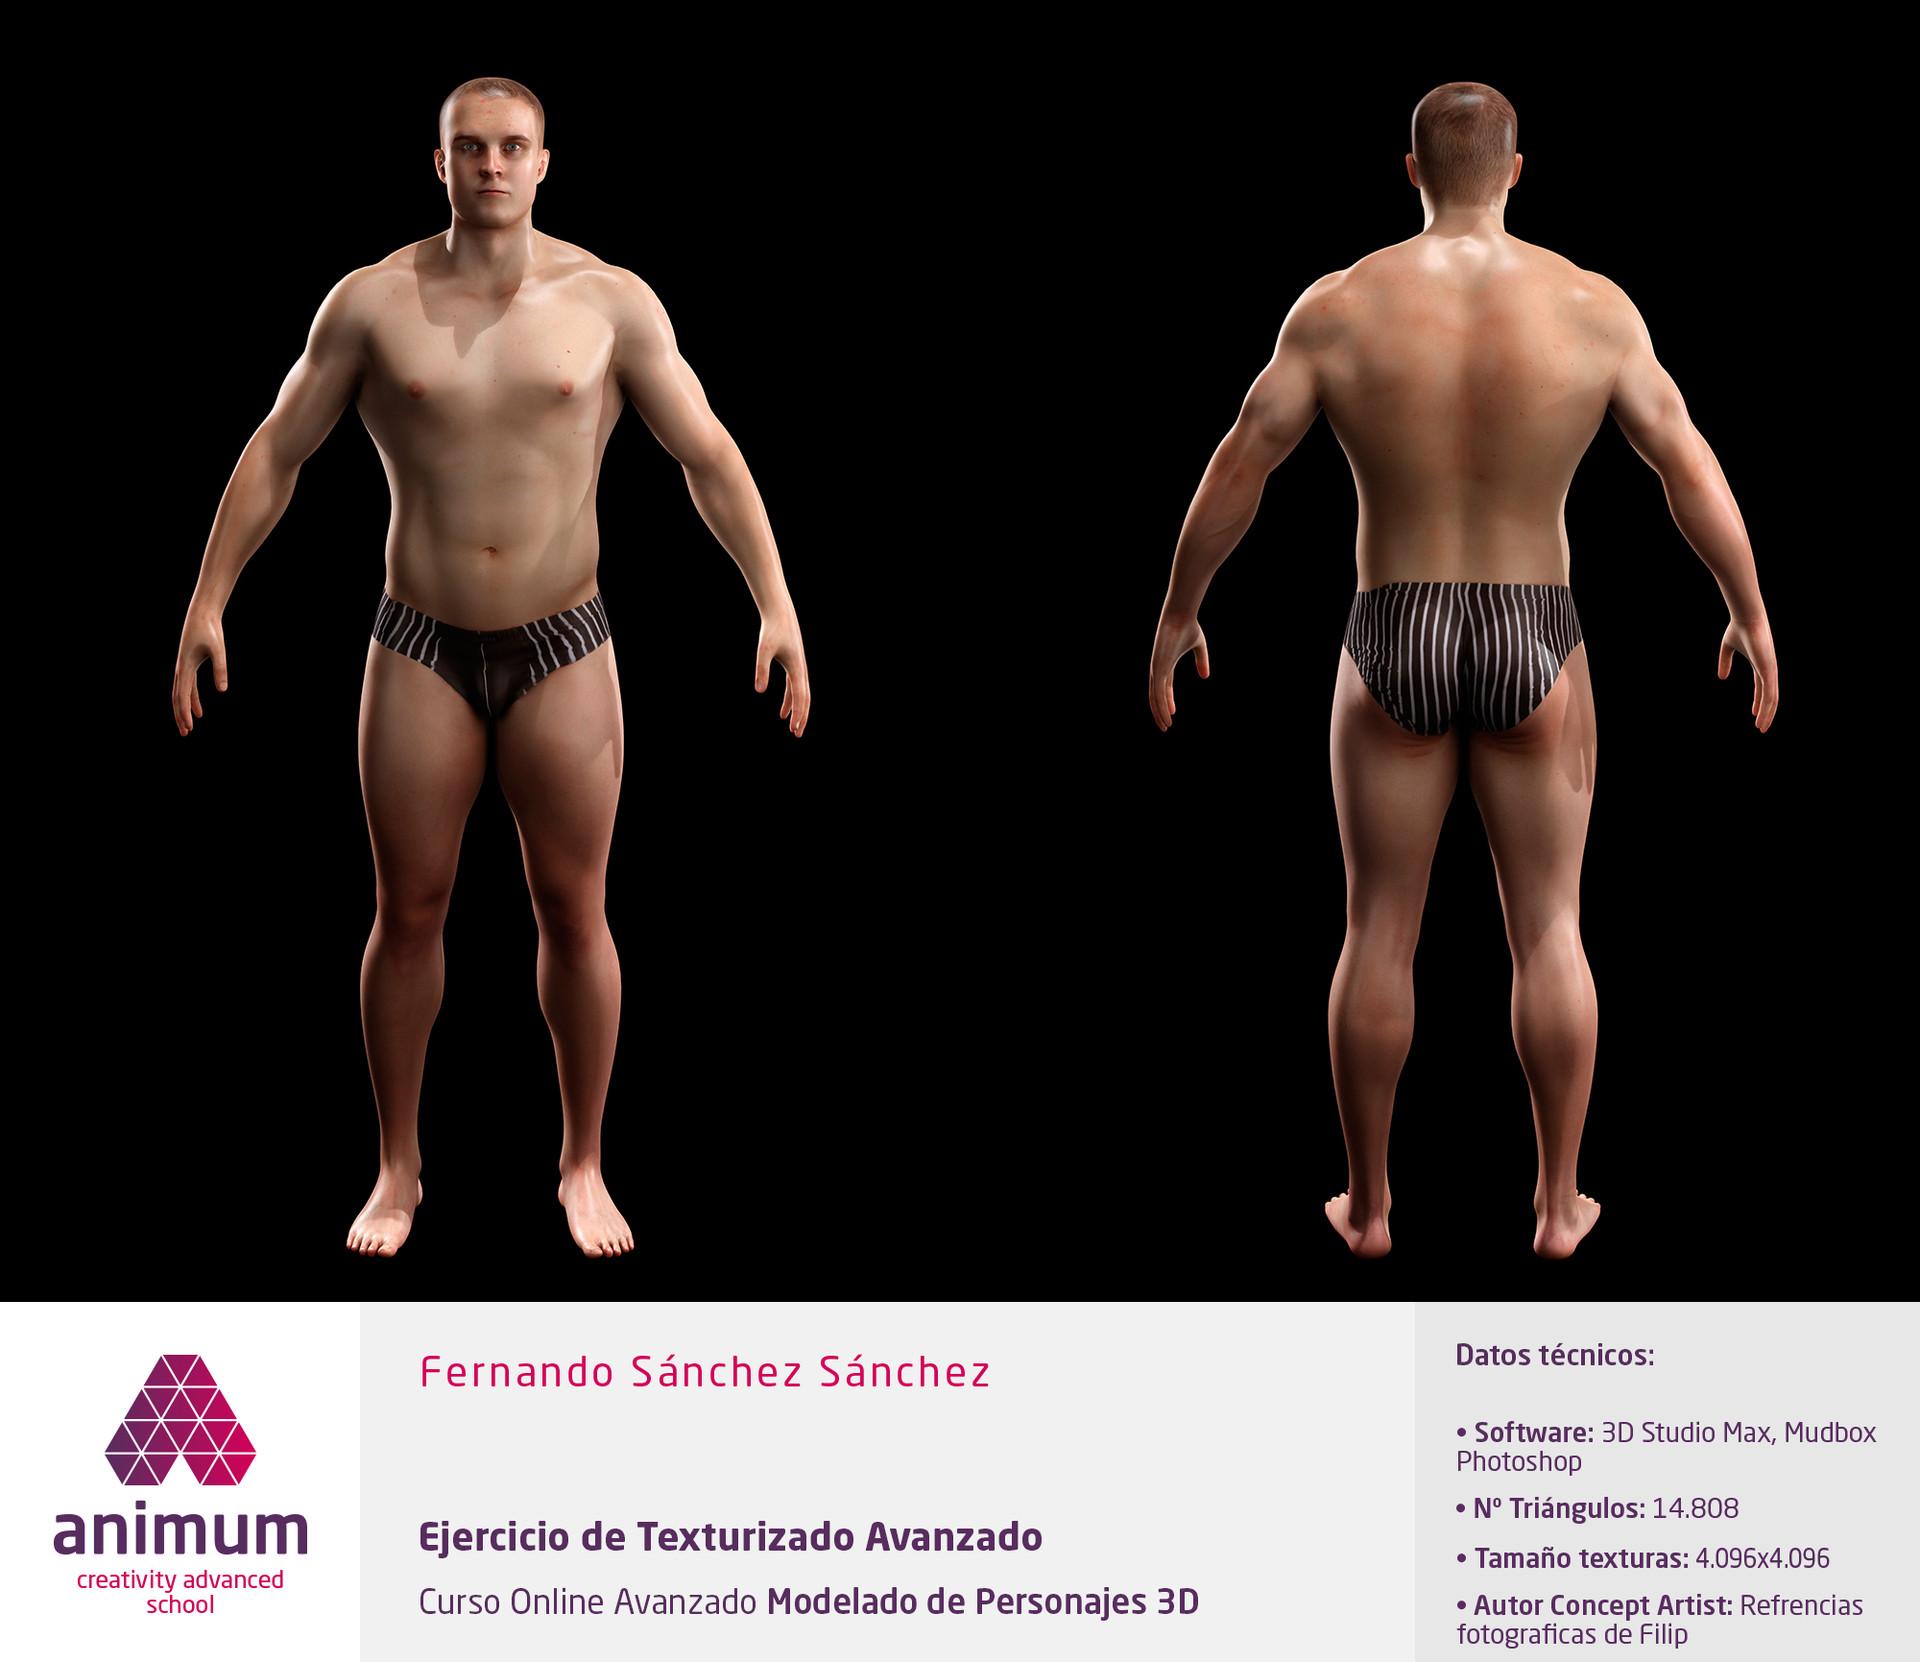 ArtStation - Modulo 1 Estudio de la anatomía humana, Fernando Sanchez